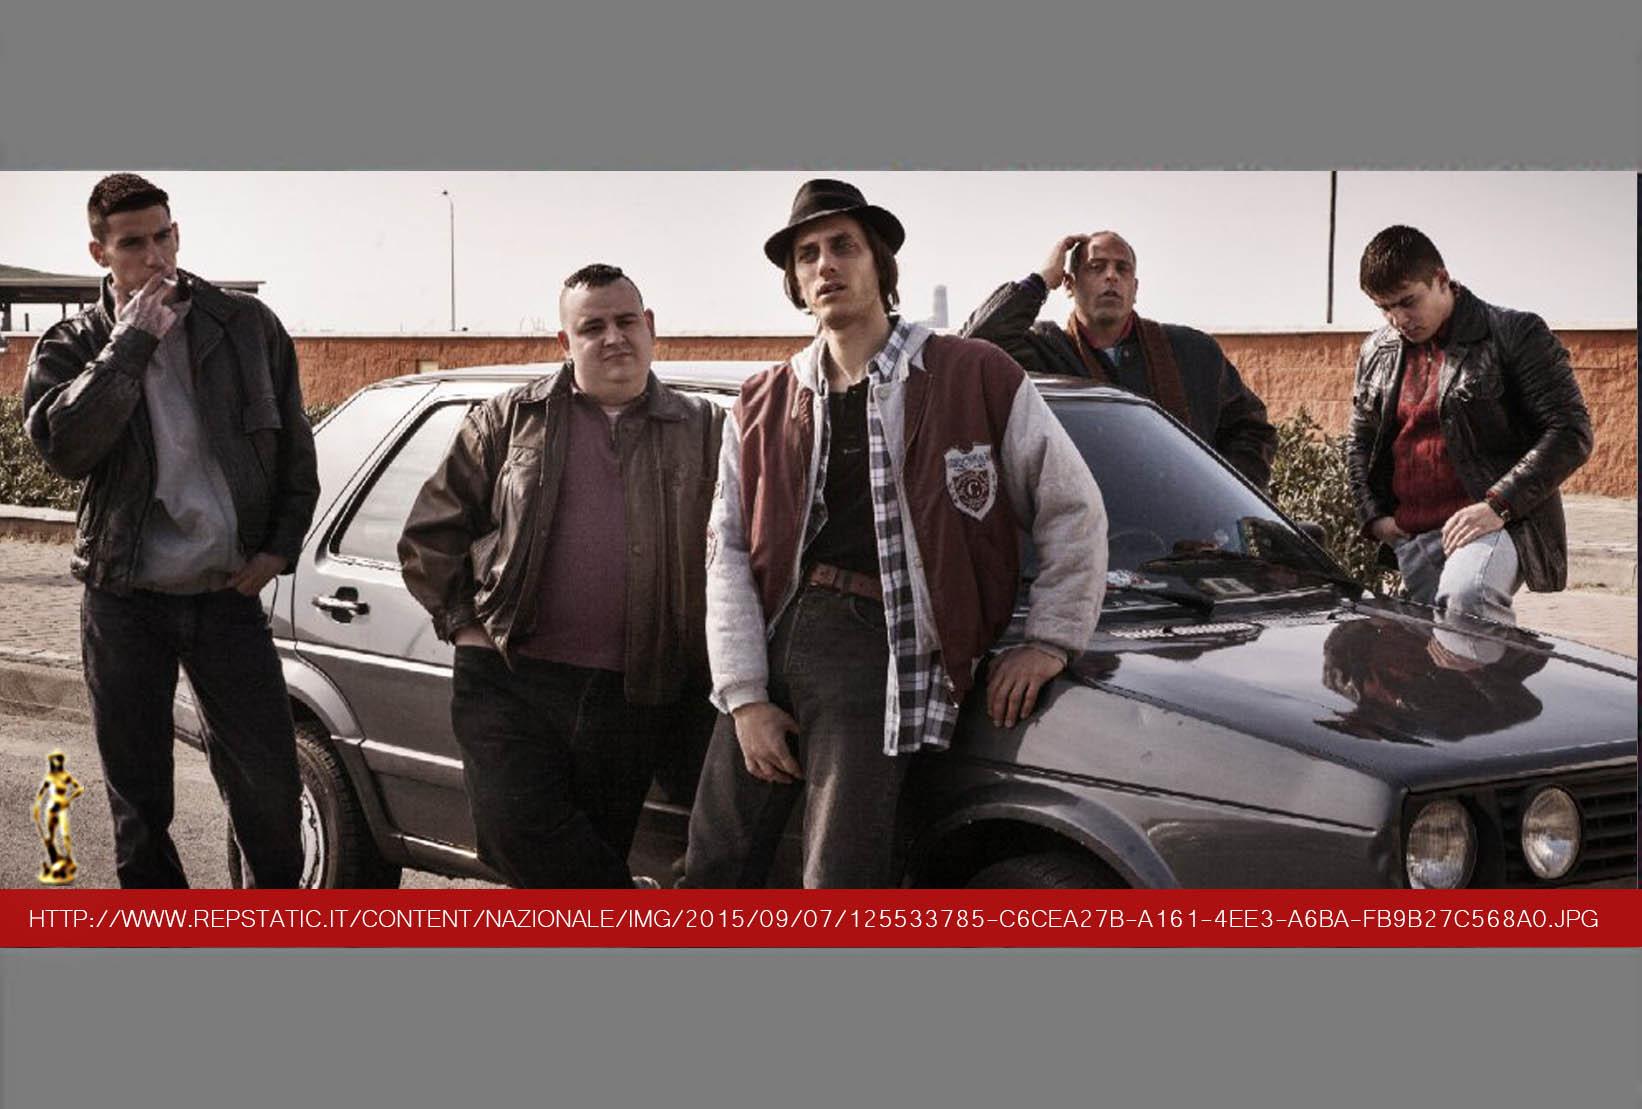 NON ESSERE CATTIVO di Claudio Caligari – IT  (72^  Mostra Internazionale d'Arte Cinematografica di Venezia 2015 –  Fuori Concorso)